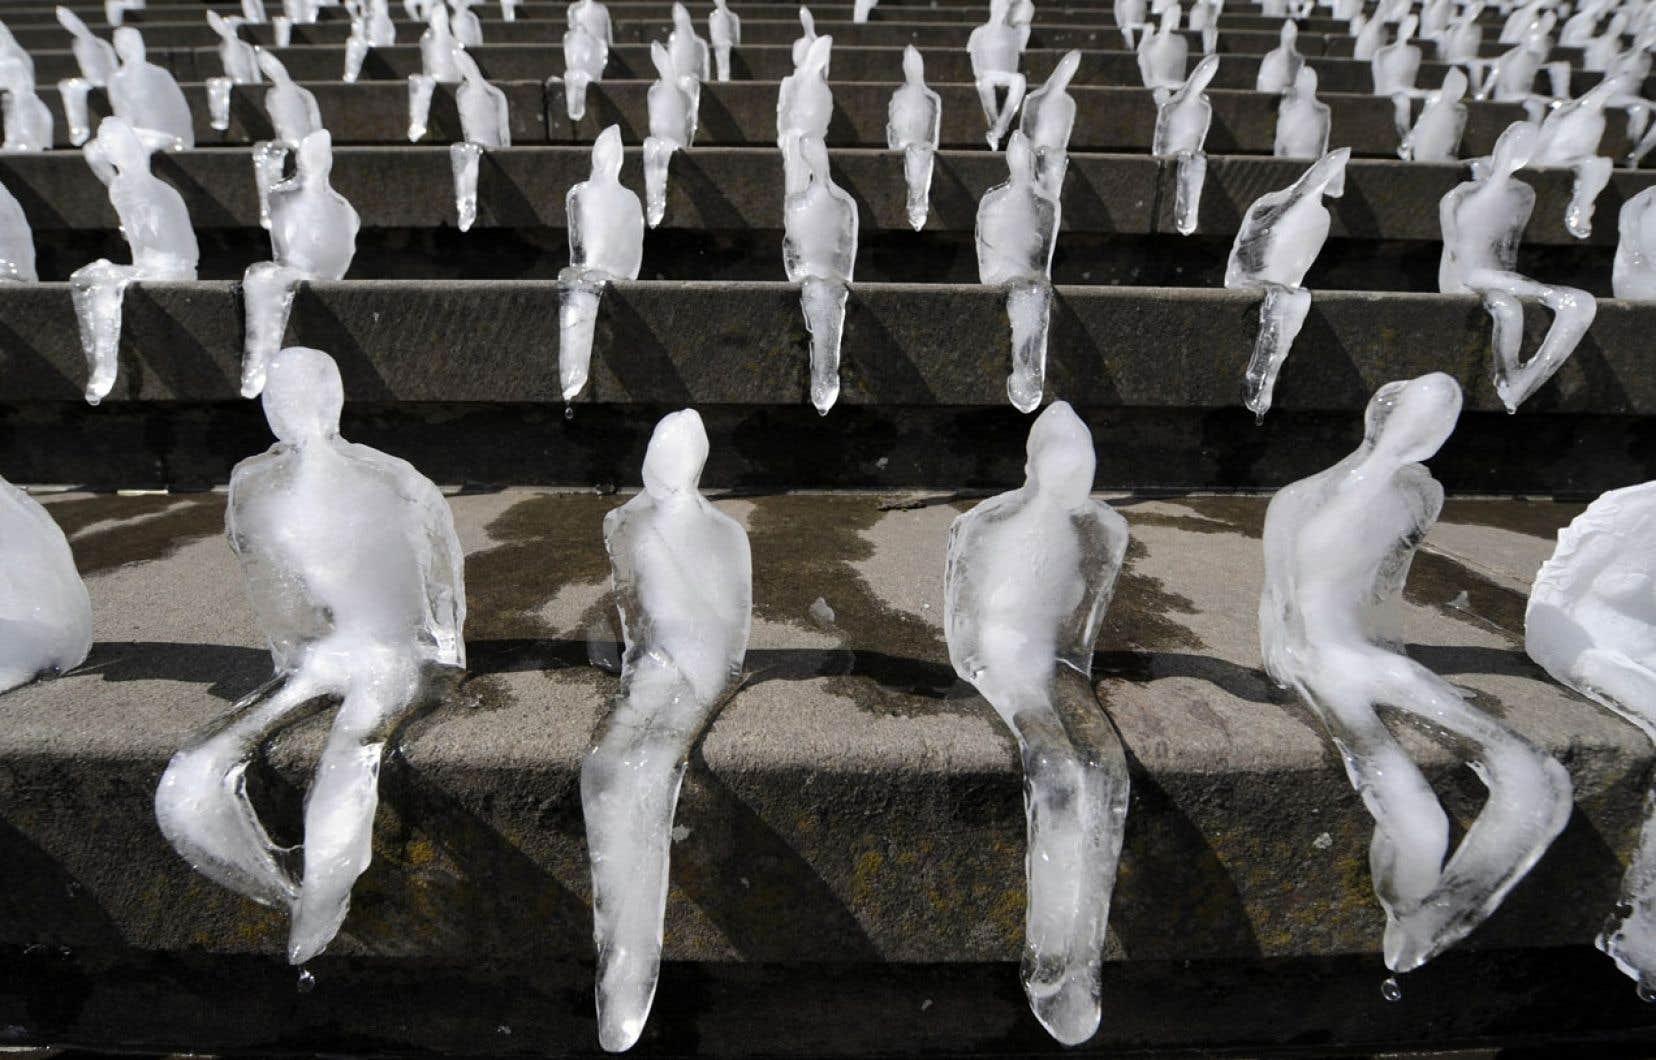 Le mercure devrait grimper de 2,5 à 3,8 degrés dans le sud du Québec d'ici 2050. Ci-dessus, l'artiste brésilien Nele Azevedo a installé près d'un millier de sculptures de glace sur les marches du Konzerthaus de Berlin pour dénoncer le réchauffement climatique.